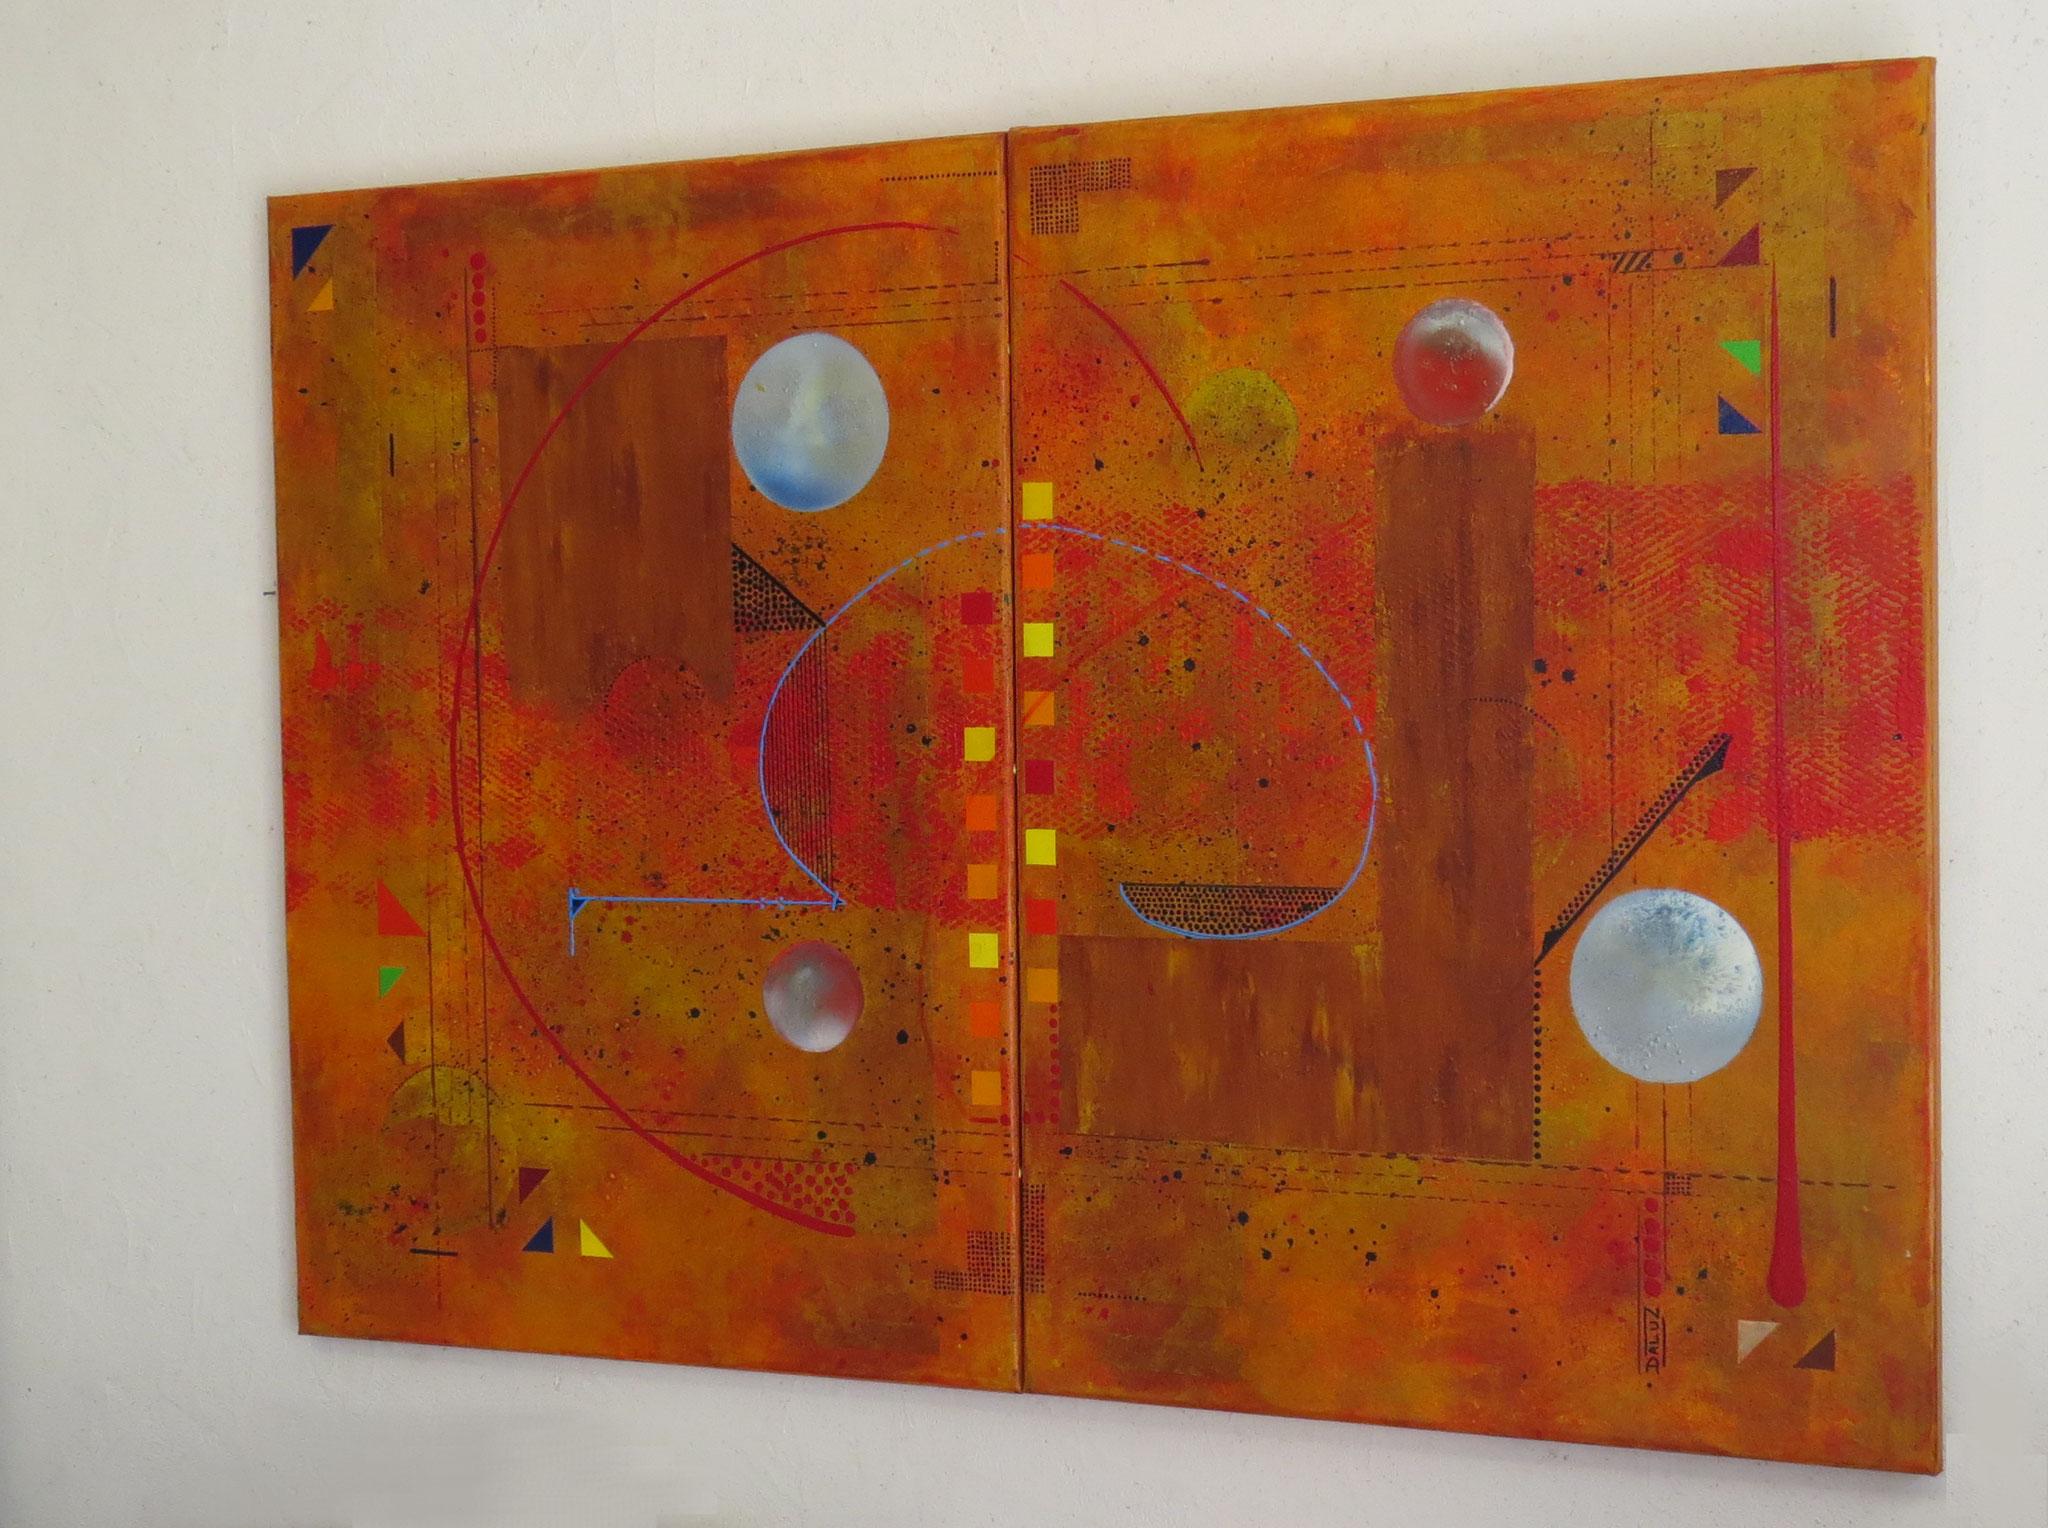 thêta - vue côté2 - DALUZ GALEGO - peinture abstraite